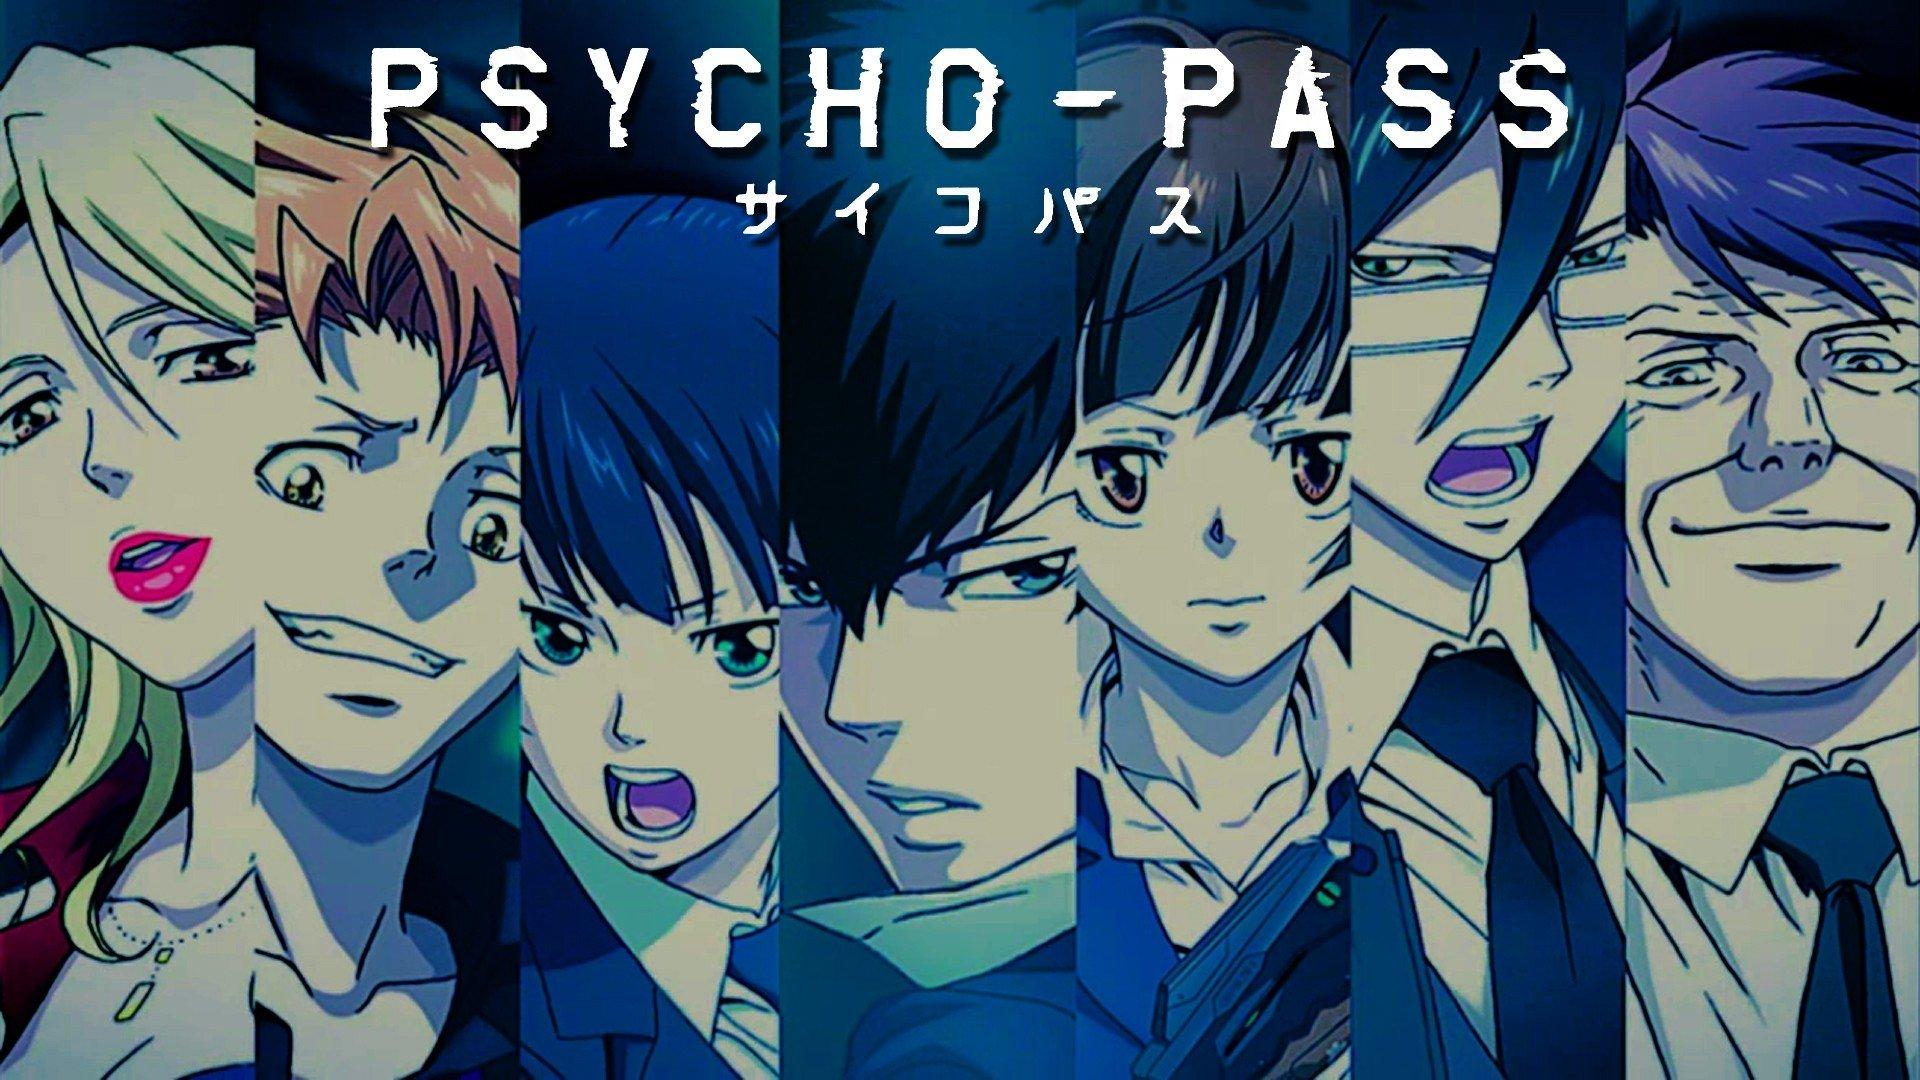 psycho pass wallpaper 2